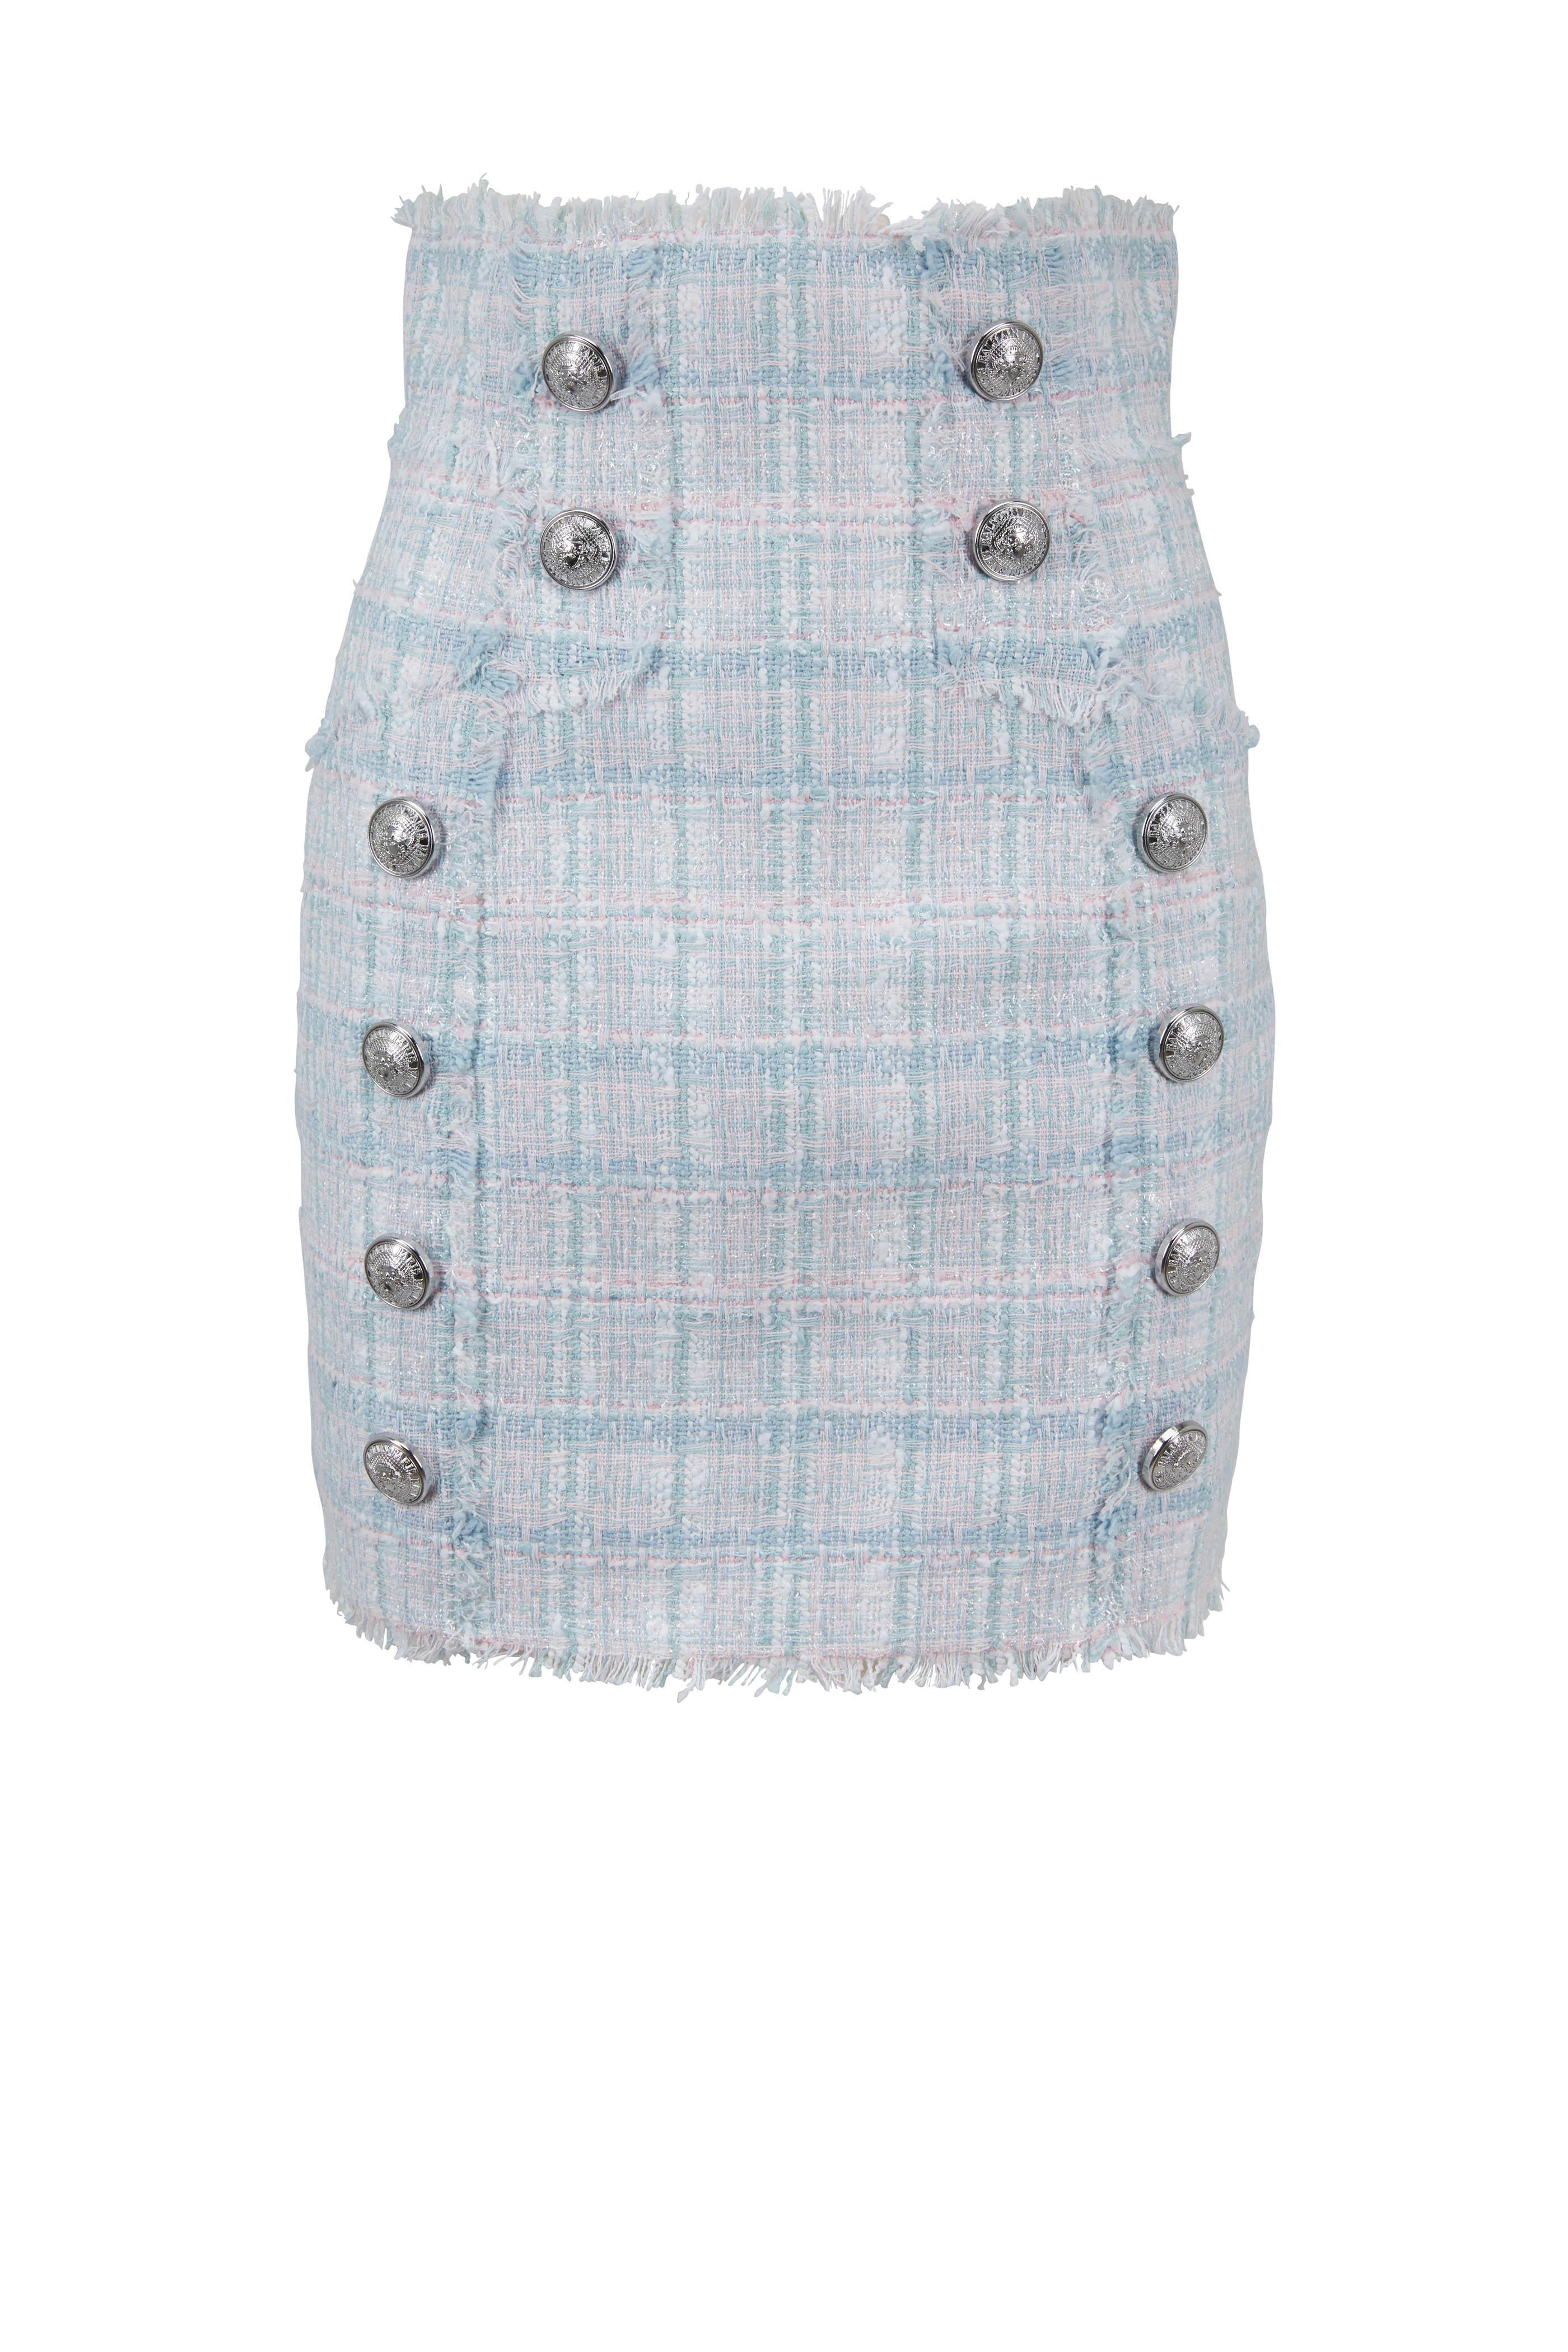 6beebc0b17 Balmain - Sky Blue & Pink Tweed High-Waist Skirt | Mitchell Stores